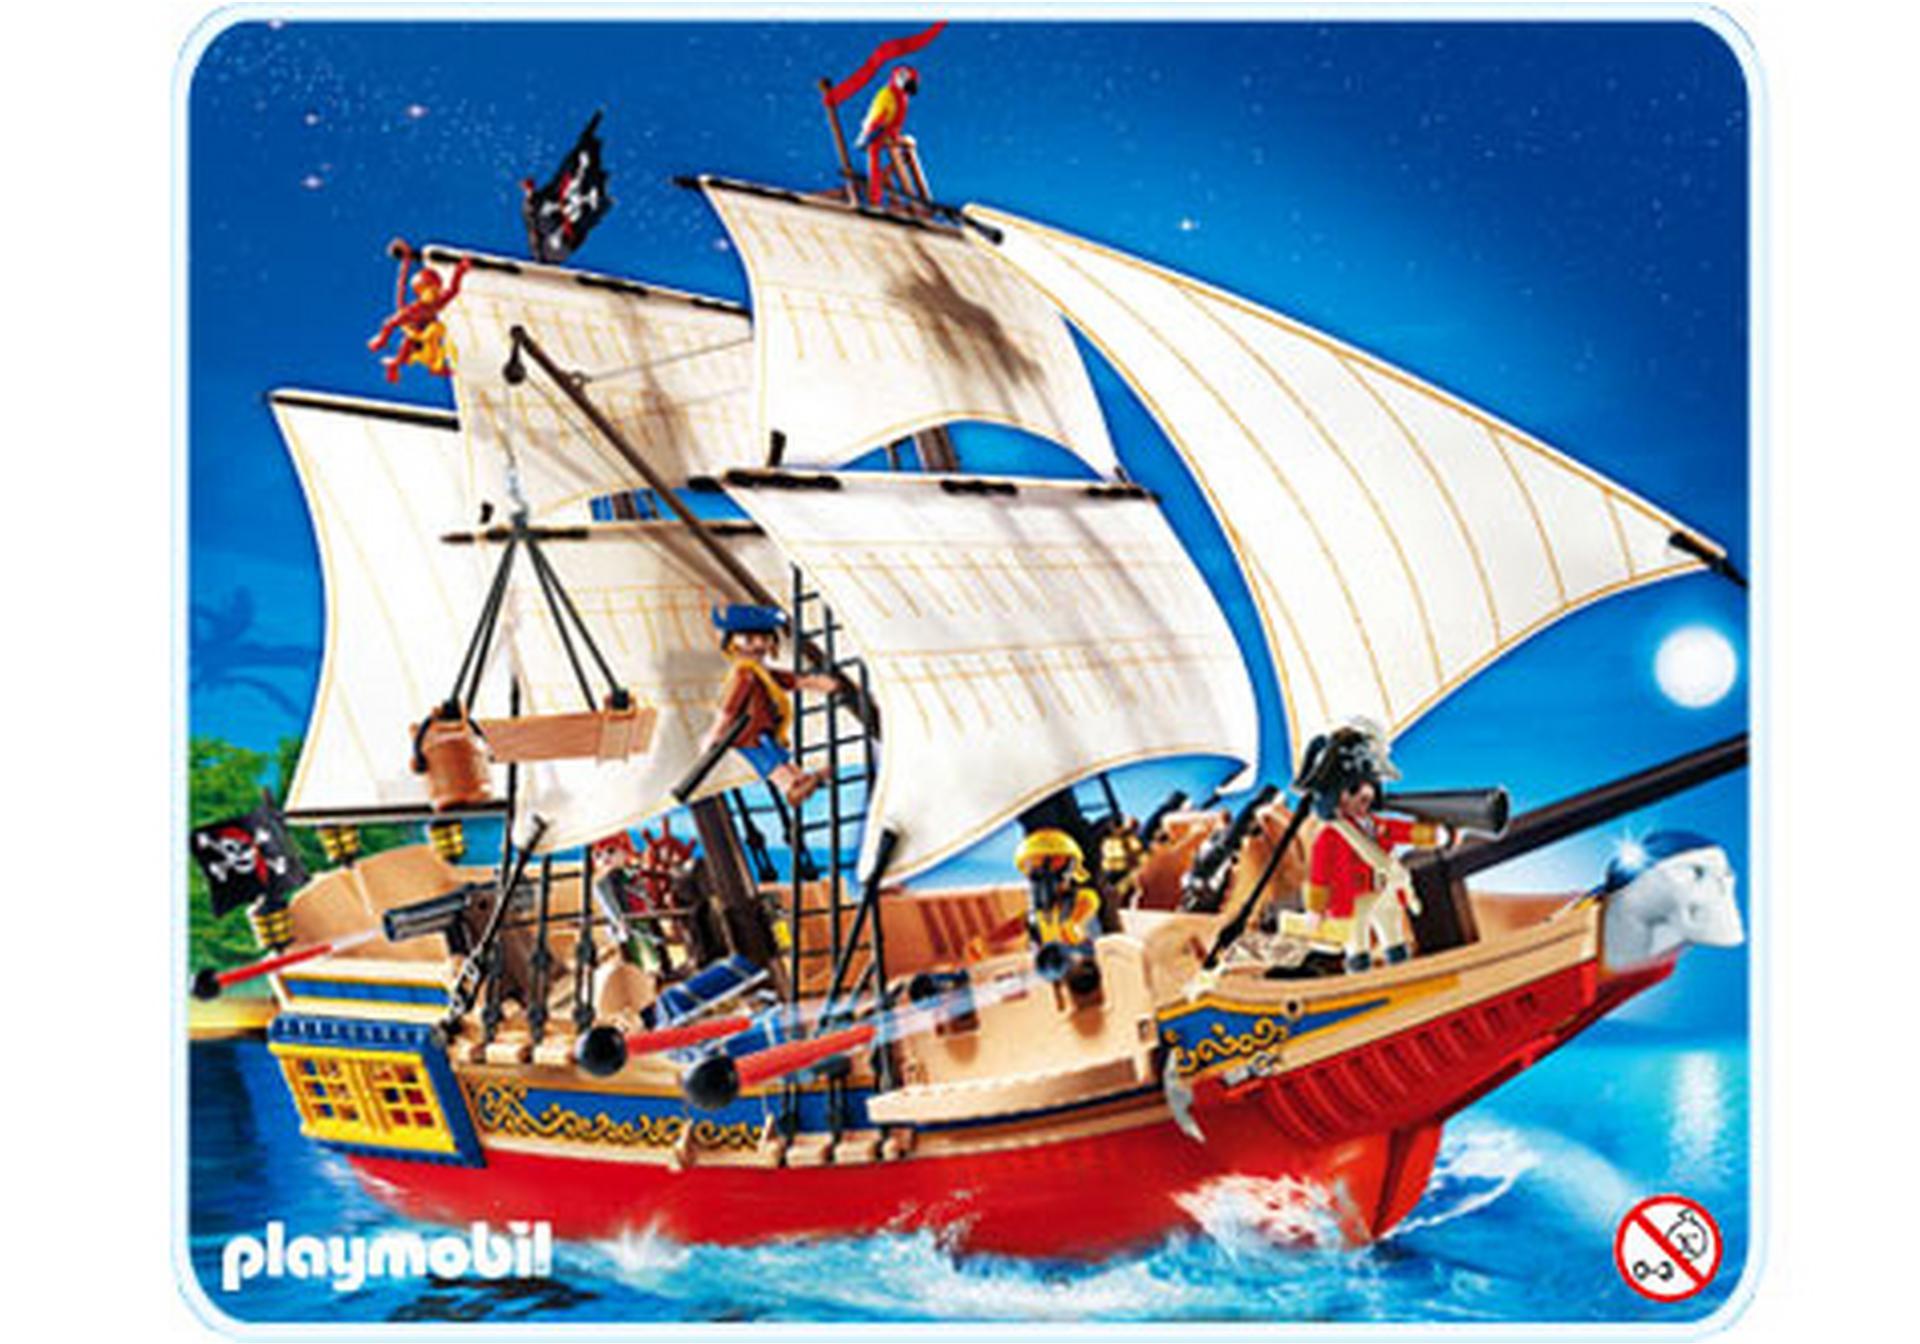 Grand bateau camouflage des pirates 4290 a playmobil france - Playmobil bateau corsaire ...